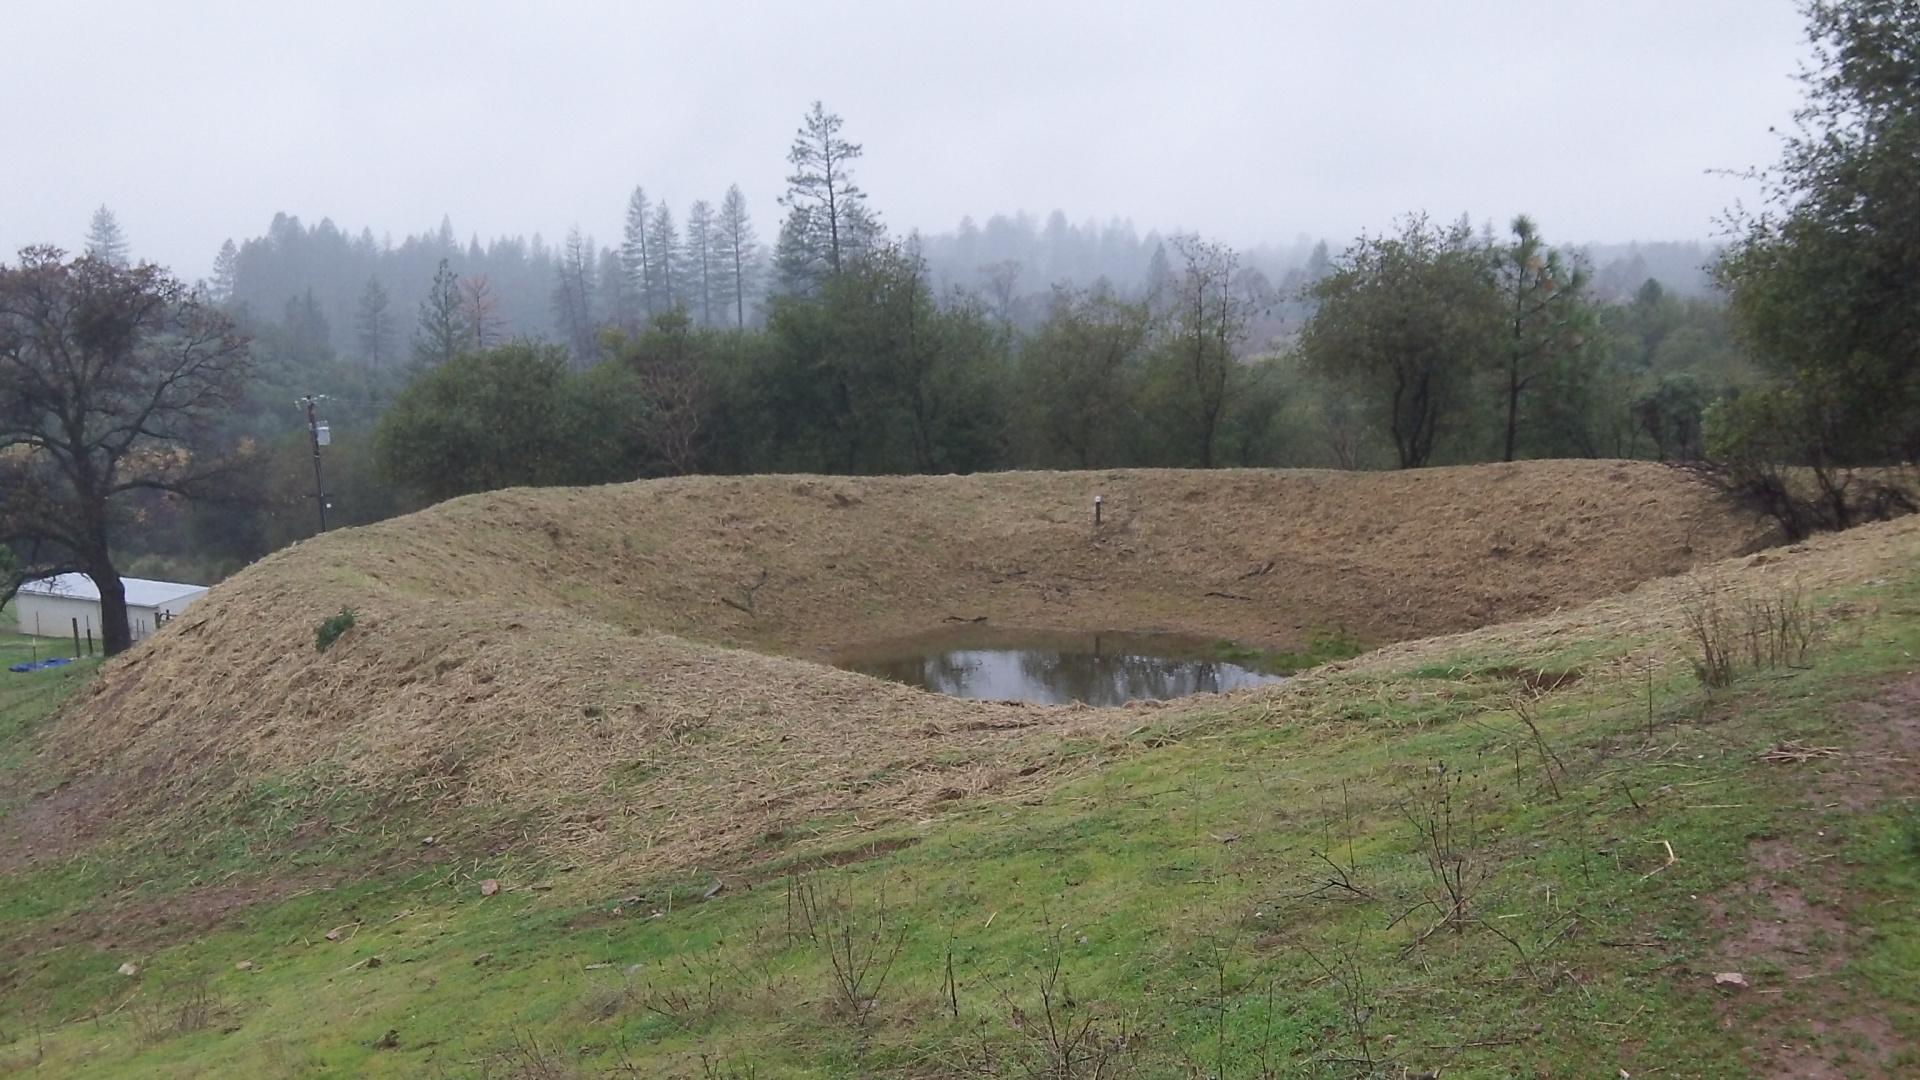 Miller -exisitng ridge pond